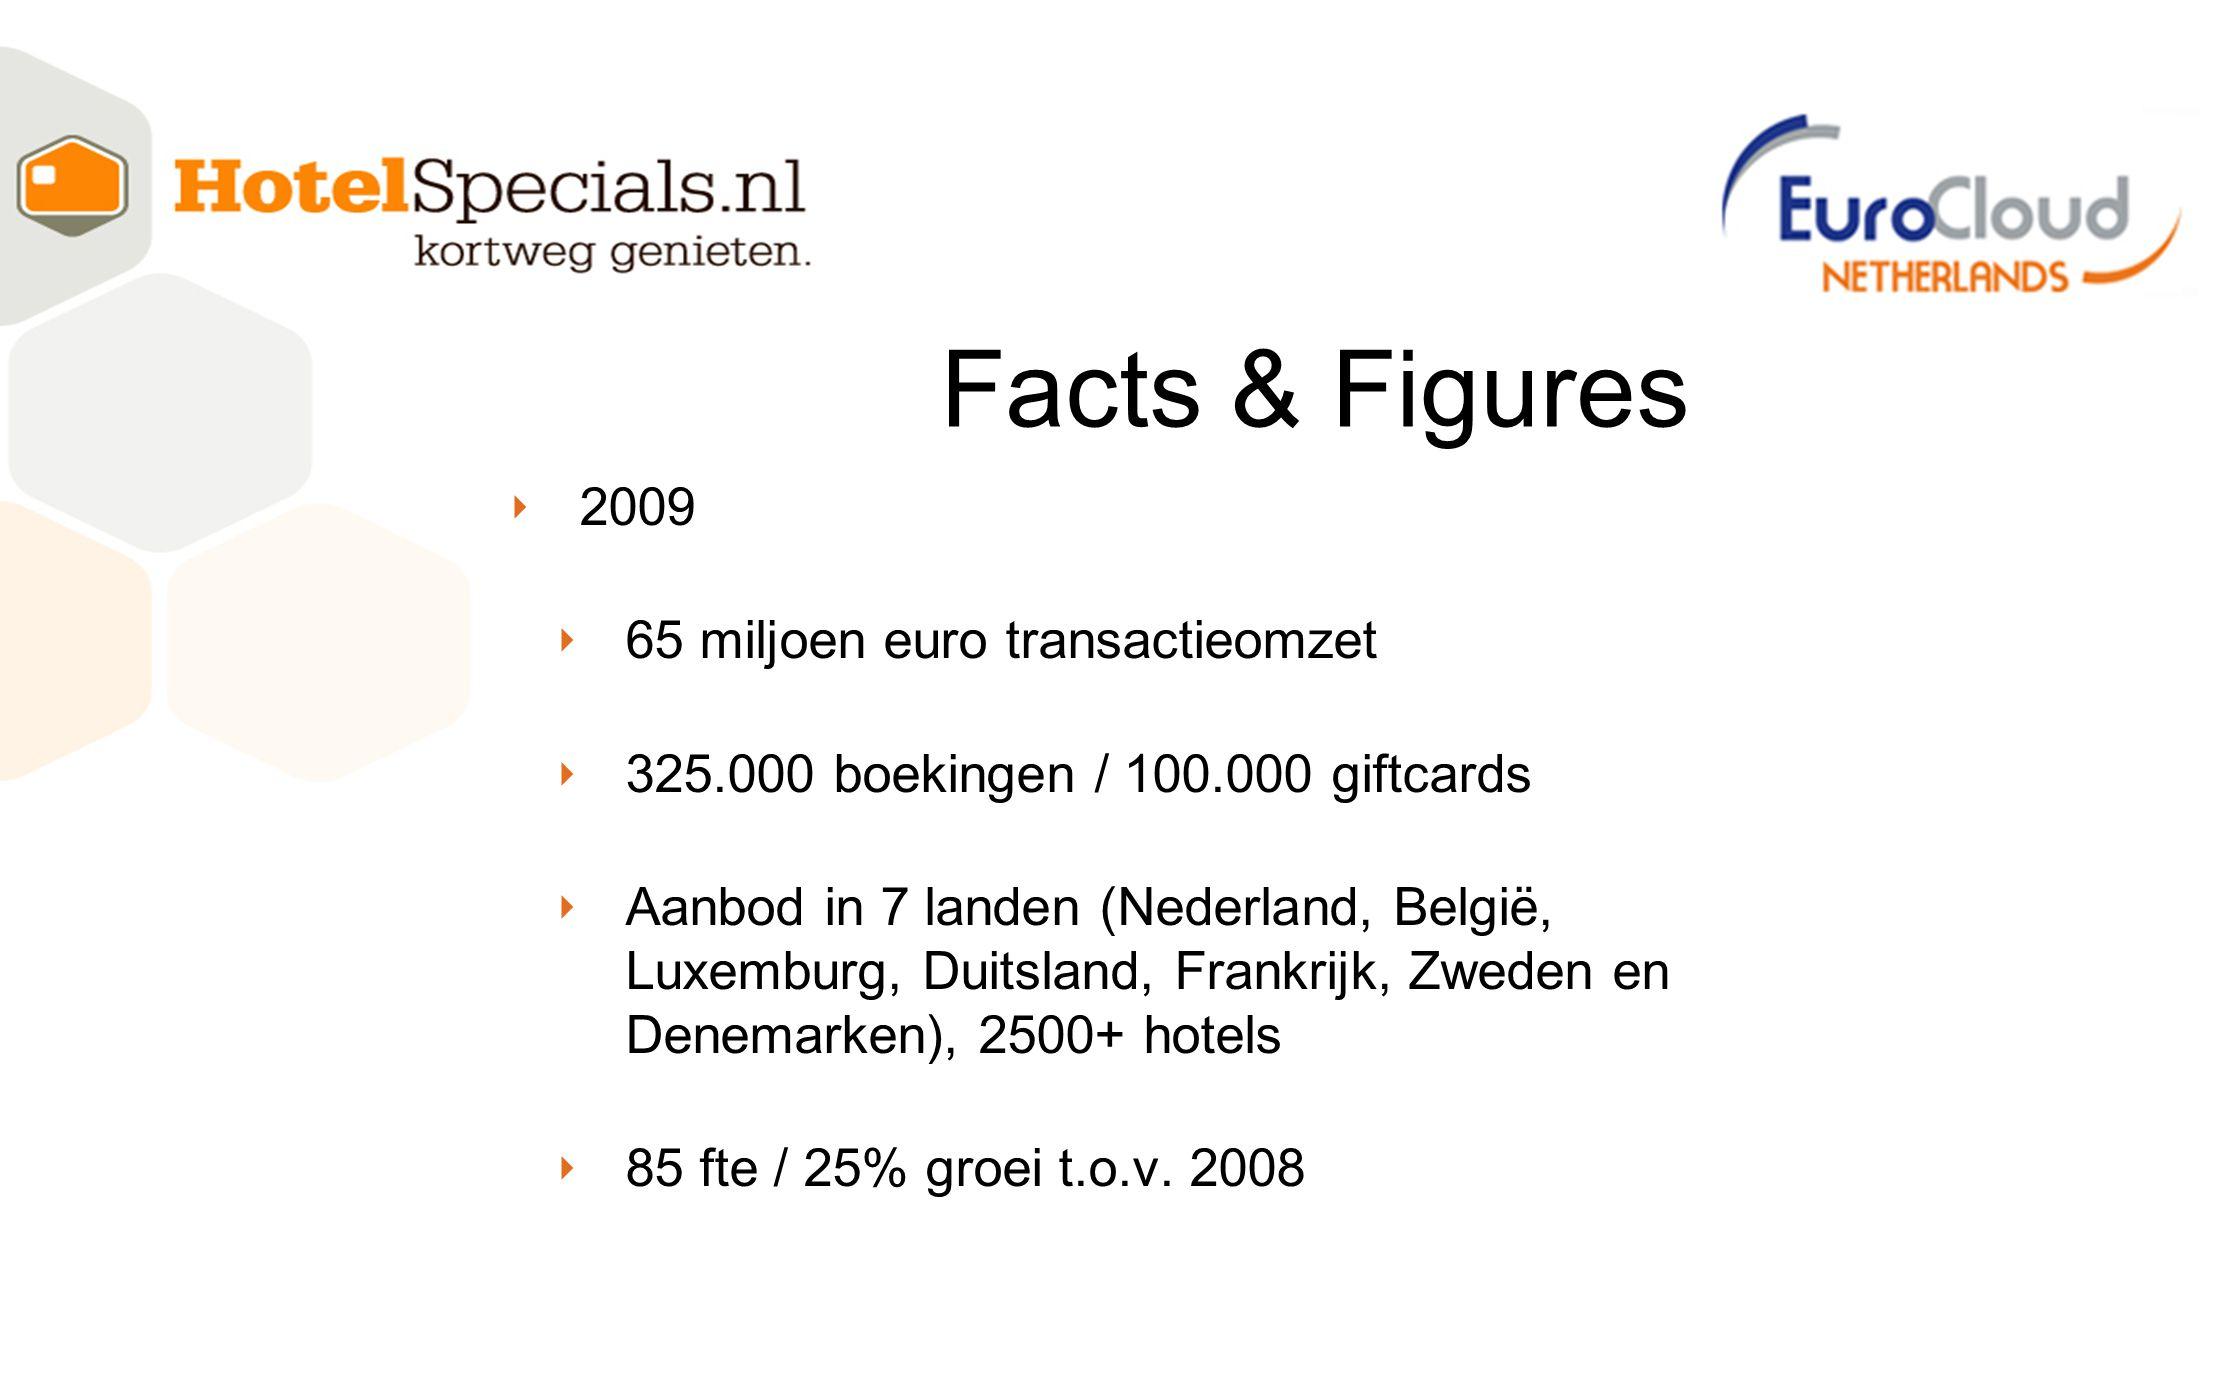 ‣ 2009 ‣ 65 miljoen euro transactieomzet ‣ 325.000 boekingen / 100.000 giftcards ‣ Aanbod in 7 landen (Nederland, België, Luxemburg, Duitsland, Frankrijk, Zweden en Denemarken), 2500+ hotels ‣ 85 fte / 25% groei t.o.v.